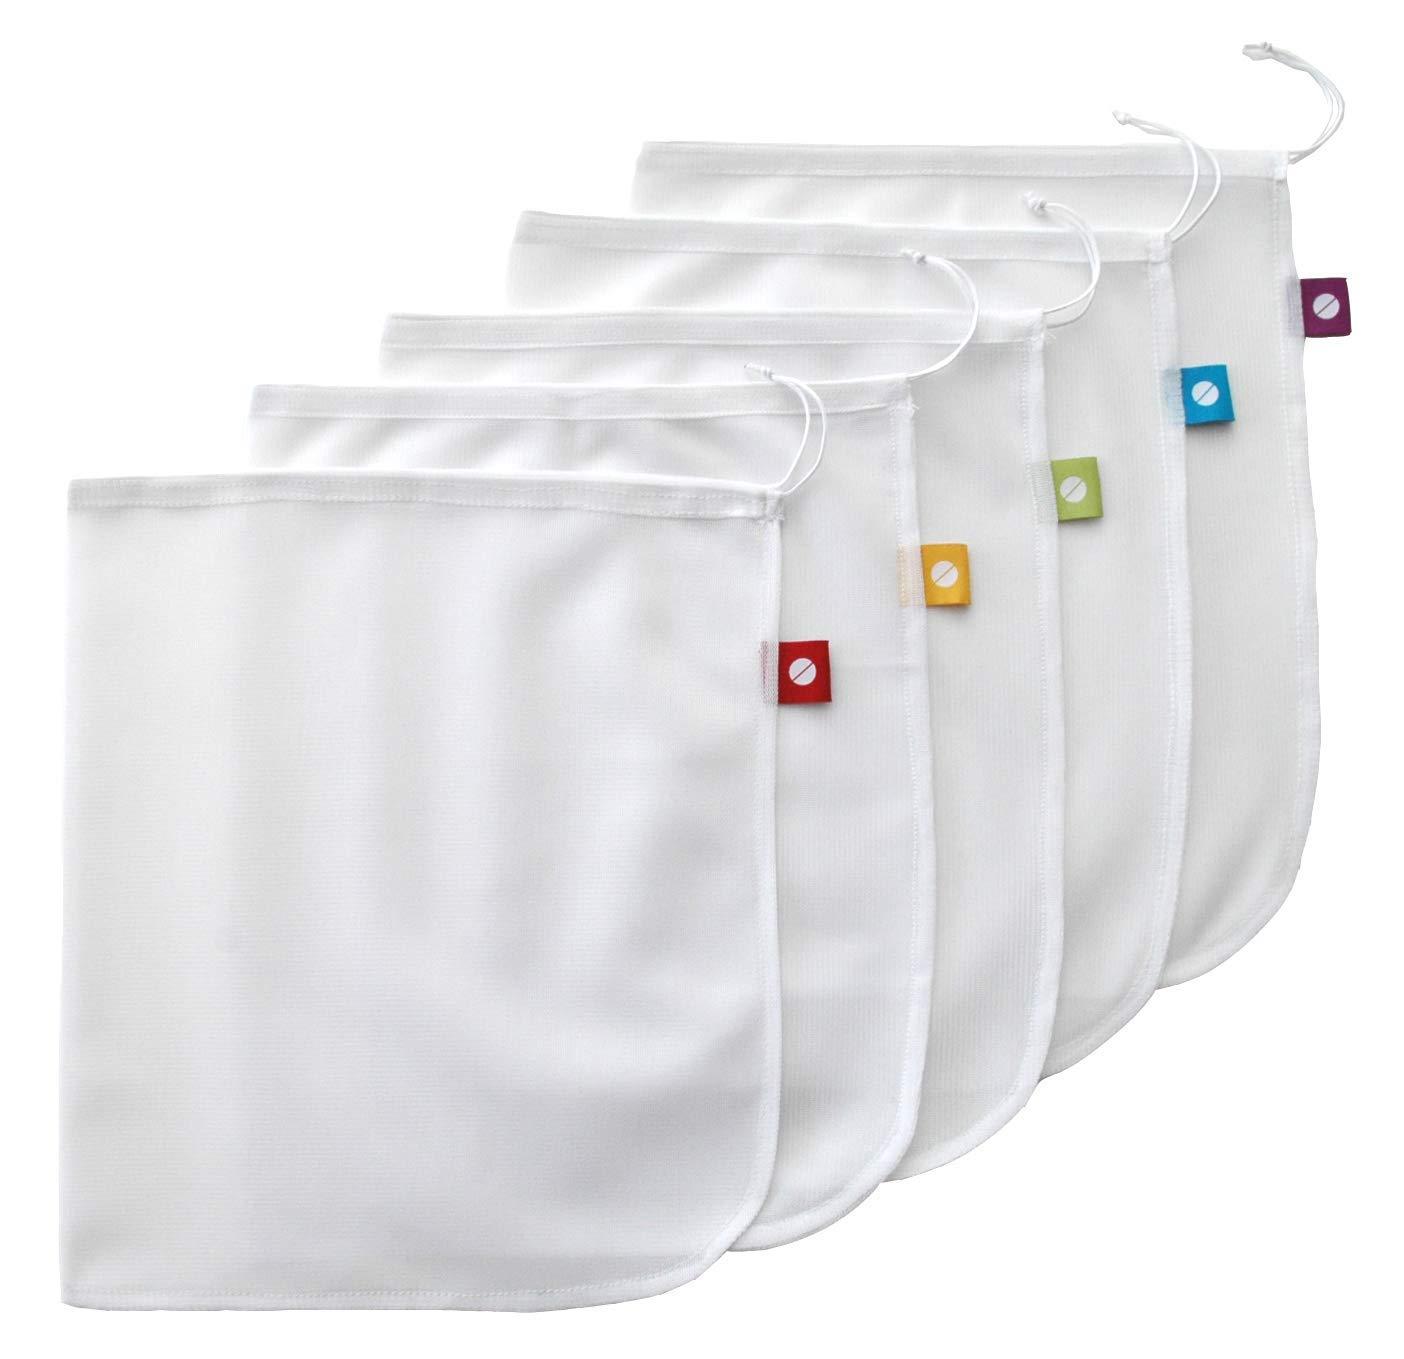 Flip & Tumble Mesh Produce Bags - Set of 5